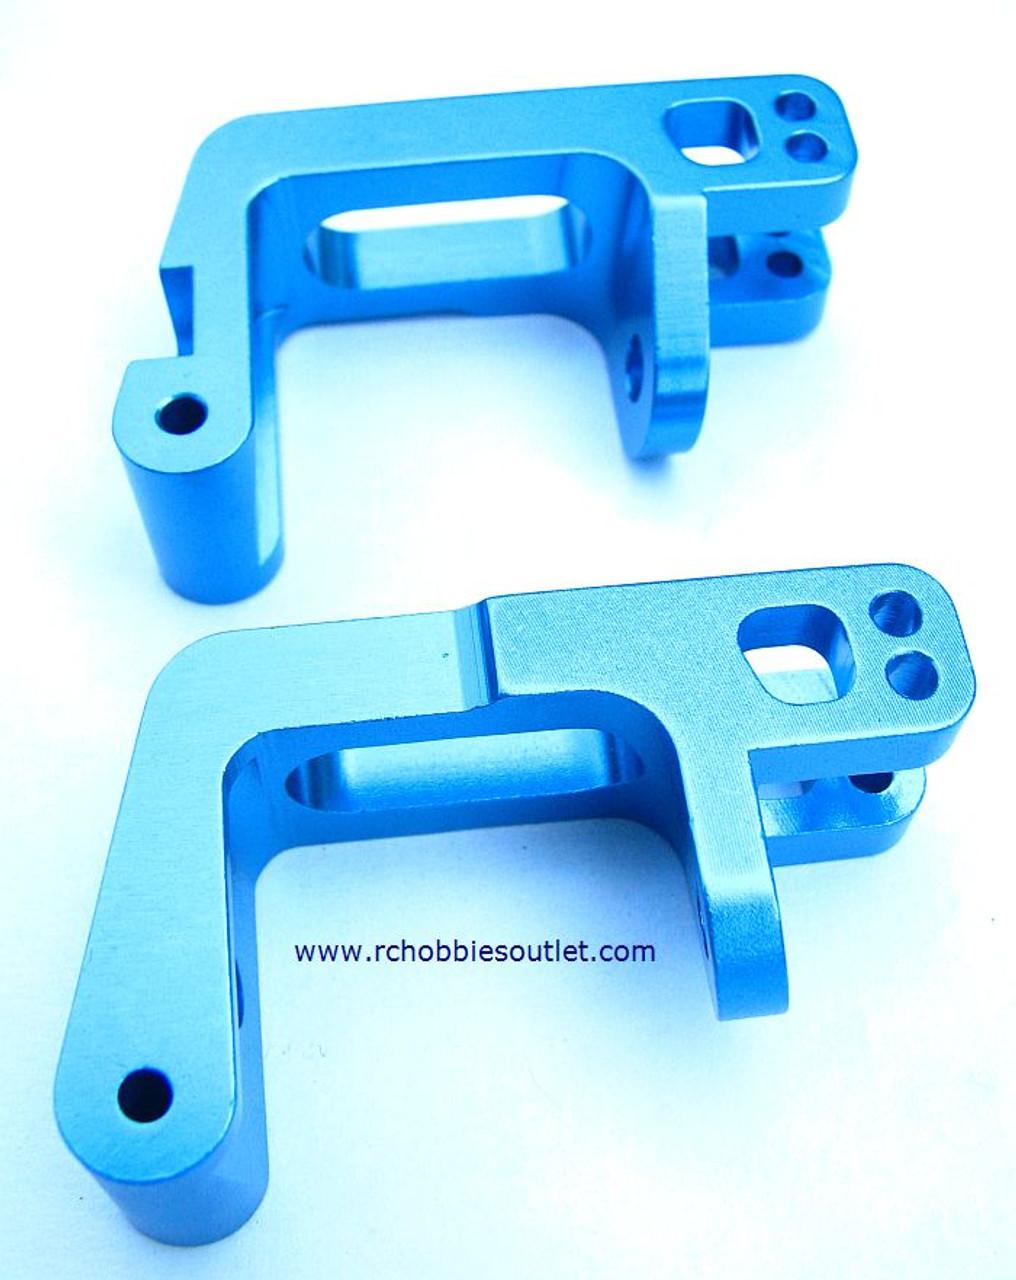 860009 Front Wheel Hub Carrier (Al.) Blue 760009 (60017)